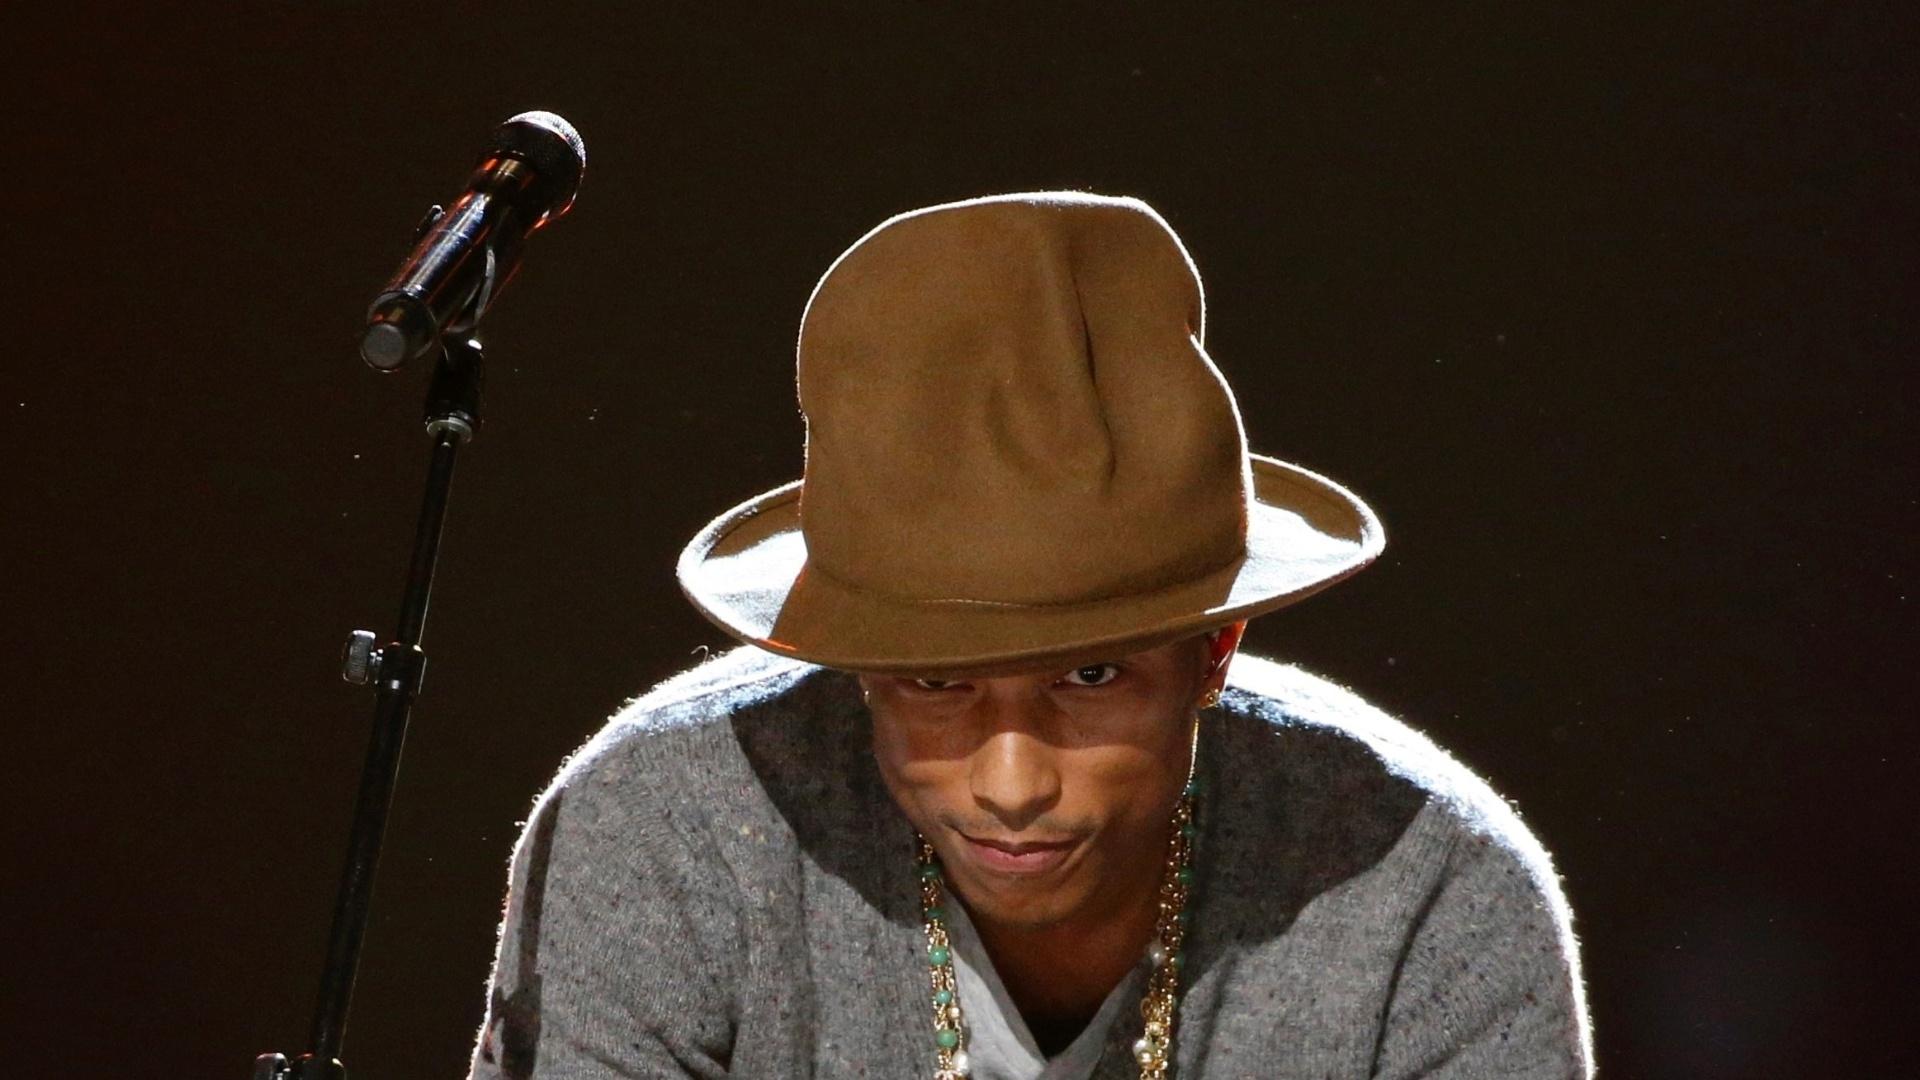 27.jan.2014 - O produtor e músico Pharrell Williams participa da gravação do especial